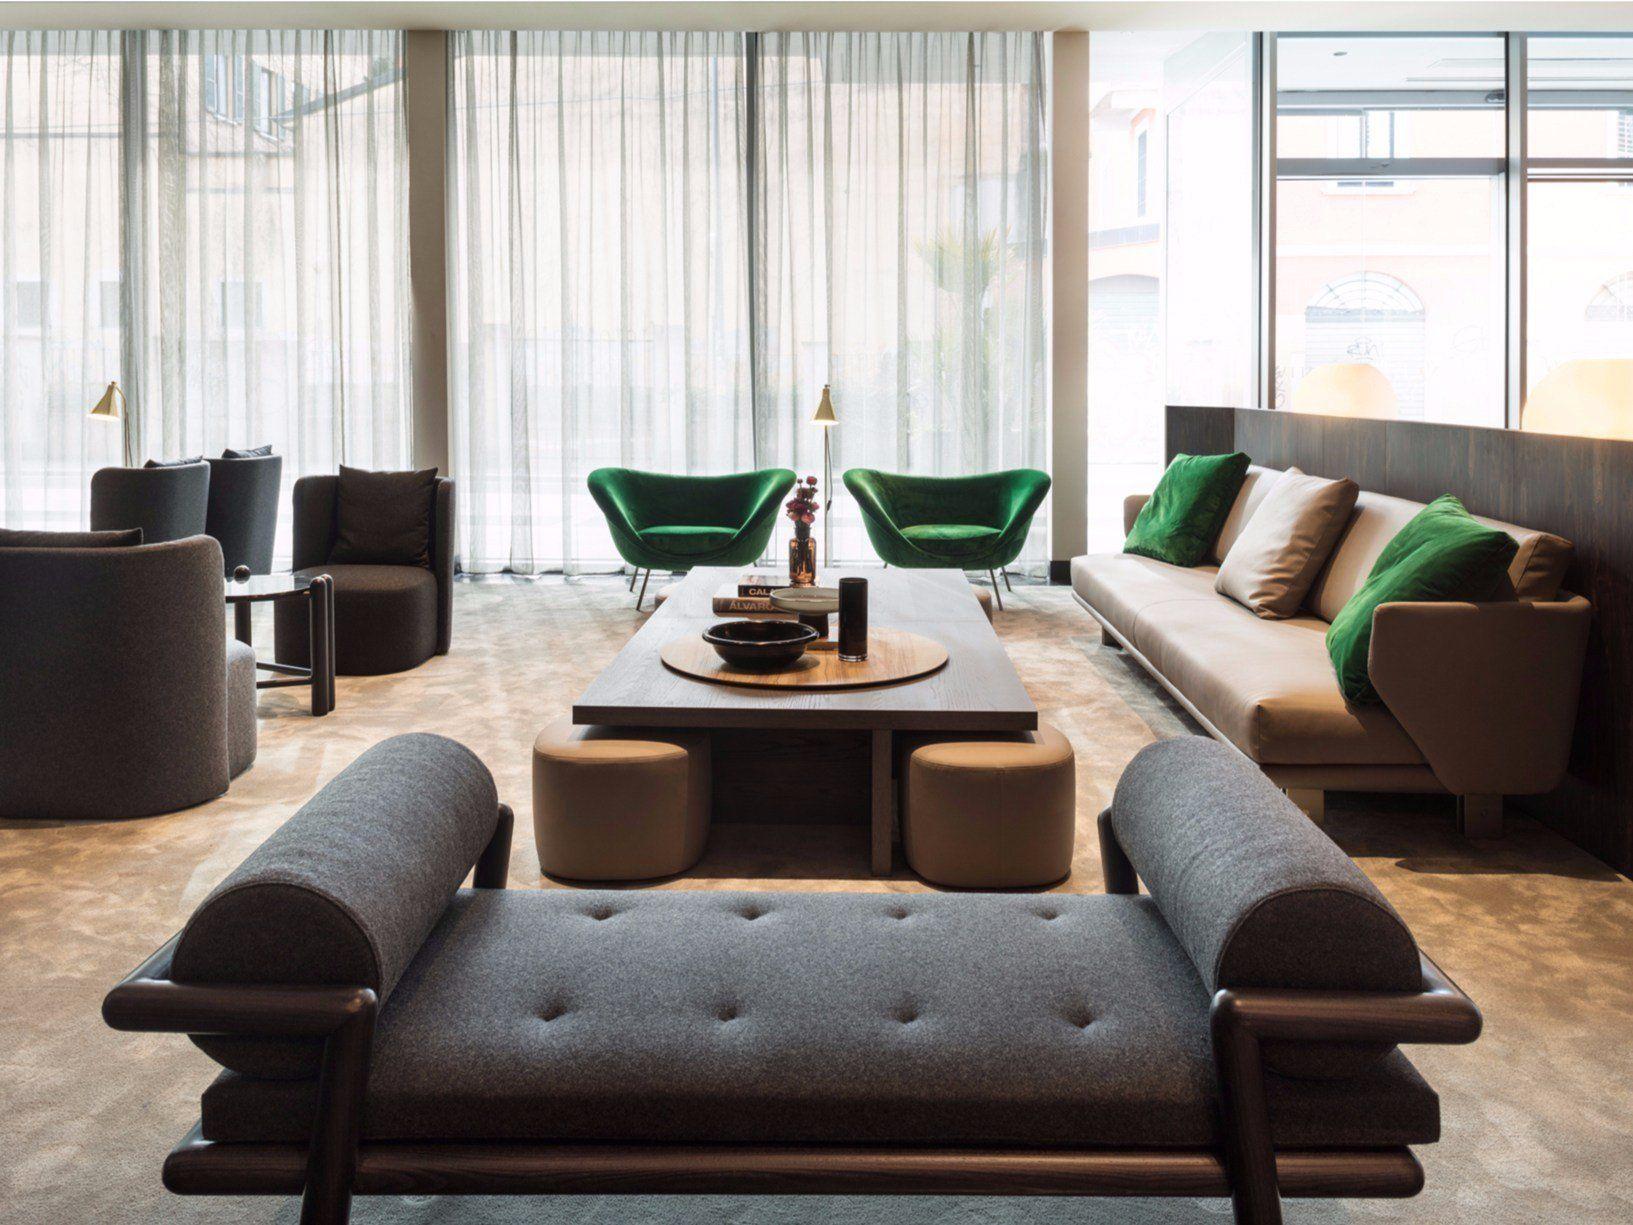 Molteni c arreda l 39 hotel viu milan for Lideo arreda